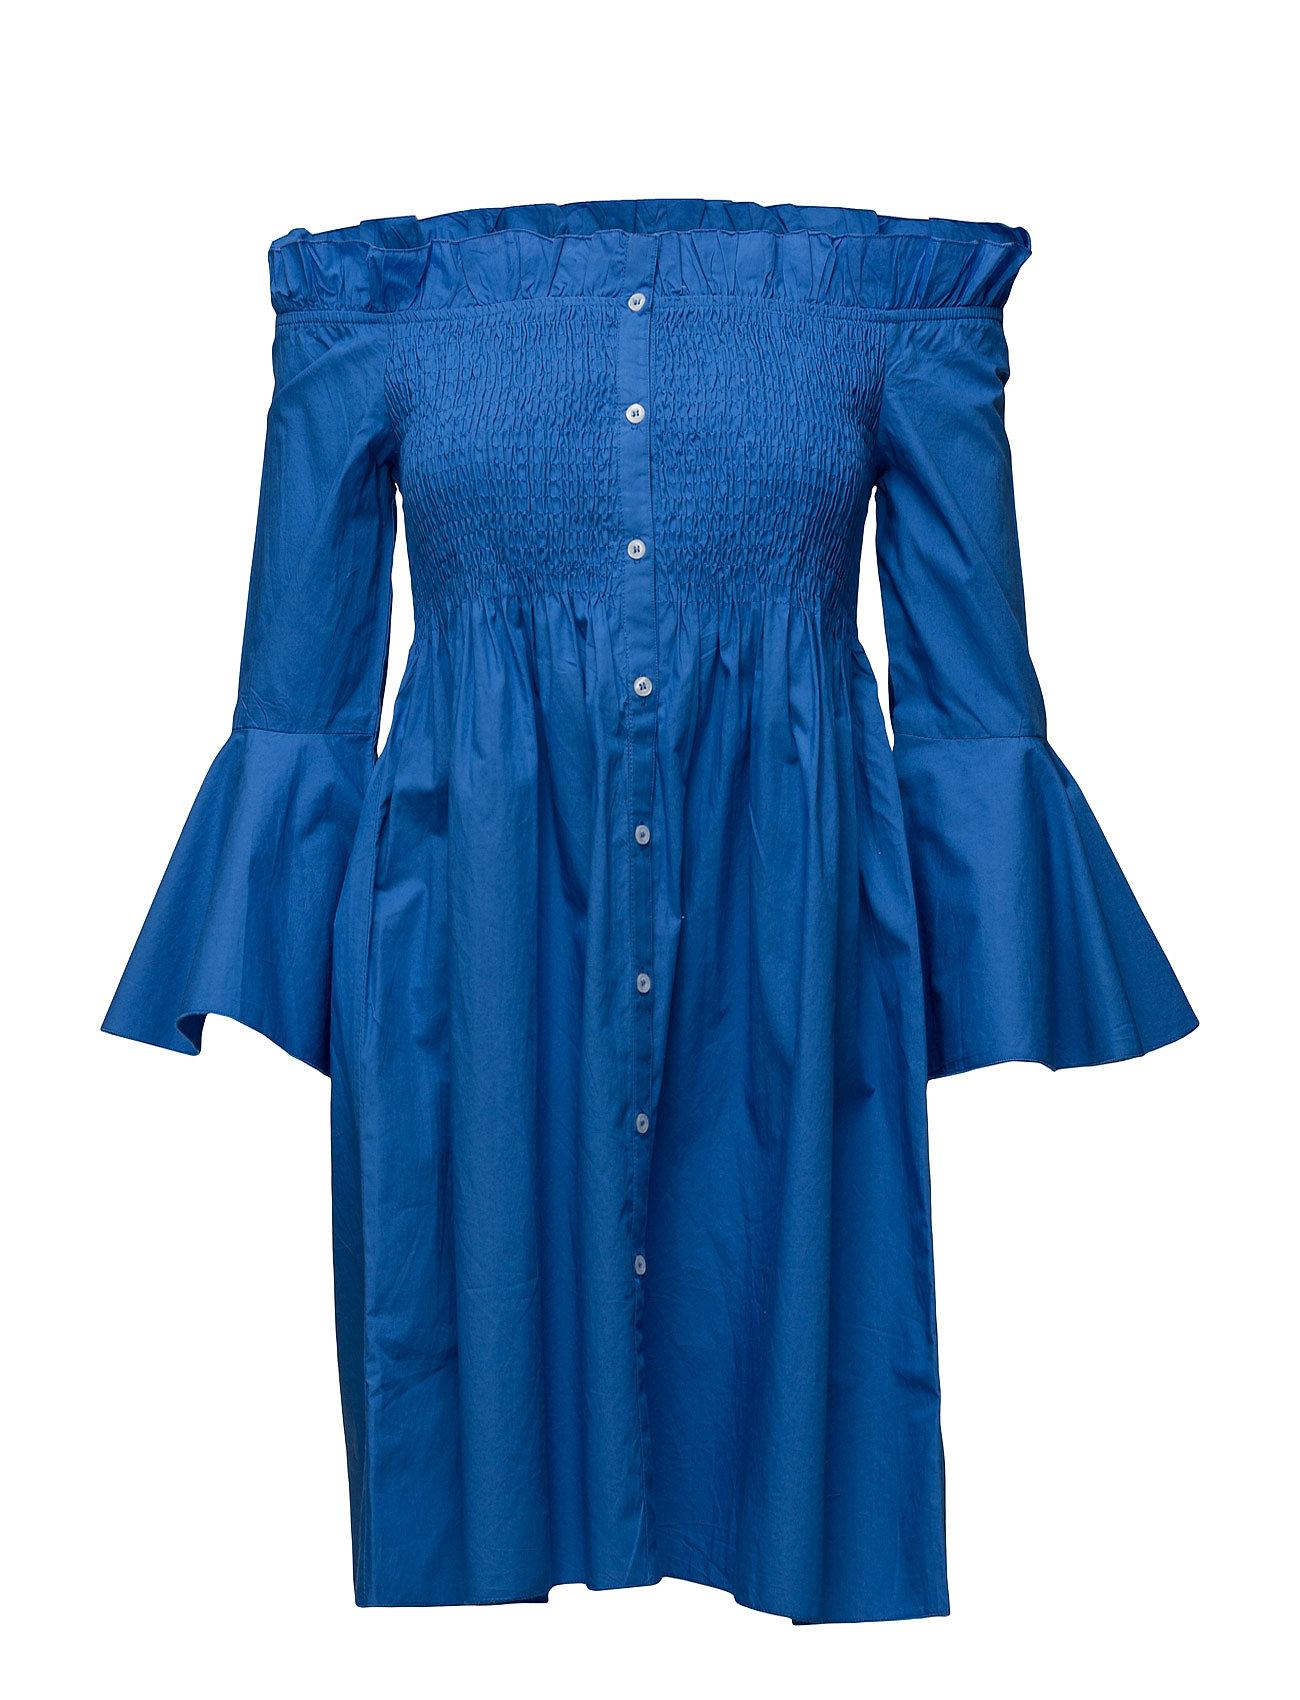 Ruched Detail Dress Mango Kjoler til Kvinder i Medium Blå